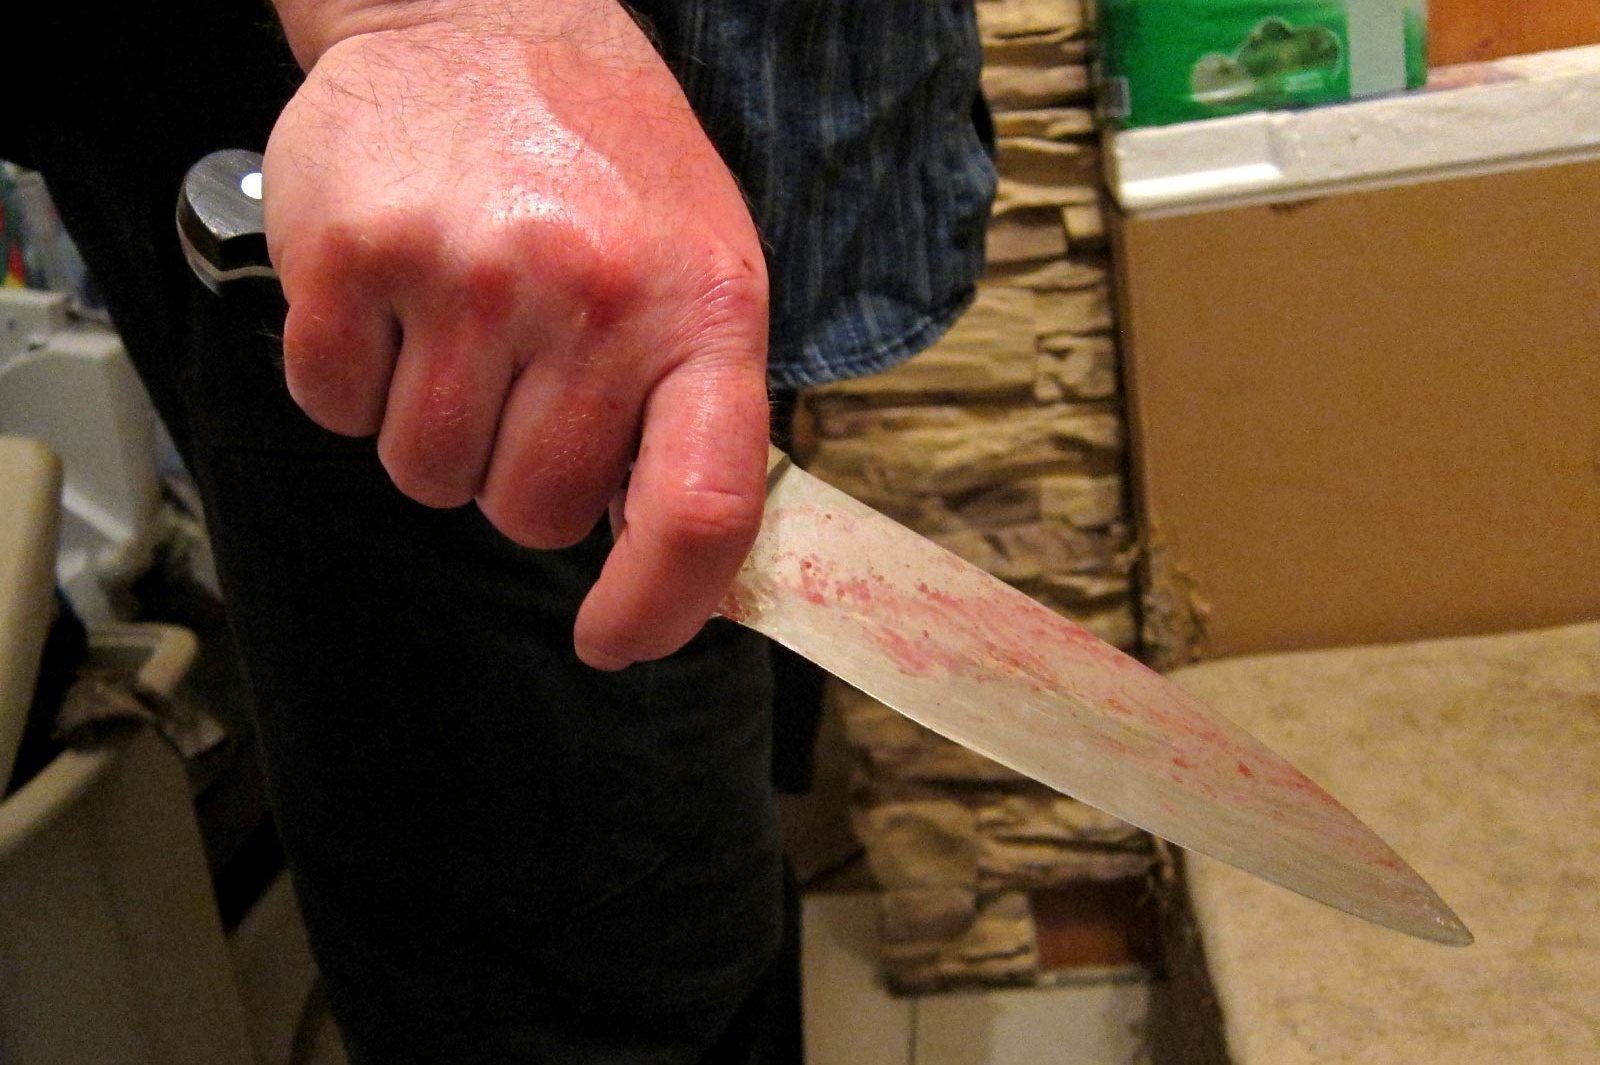 Мужчина с психическими отклонениями пытался зарезать жену кухонным ножом